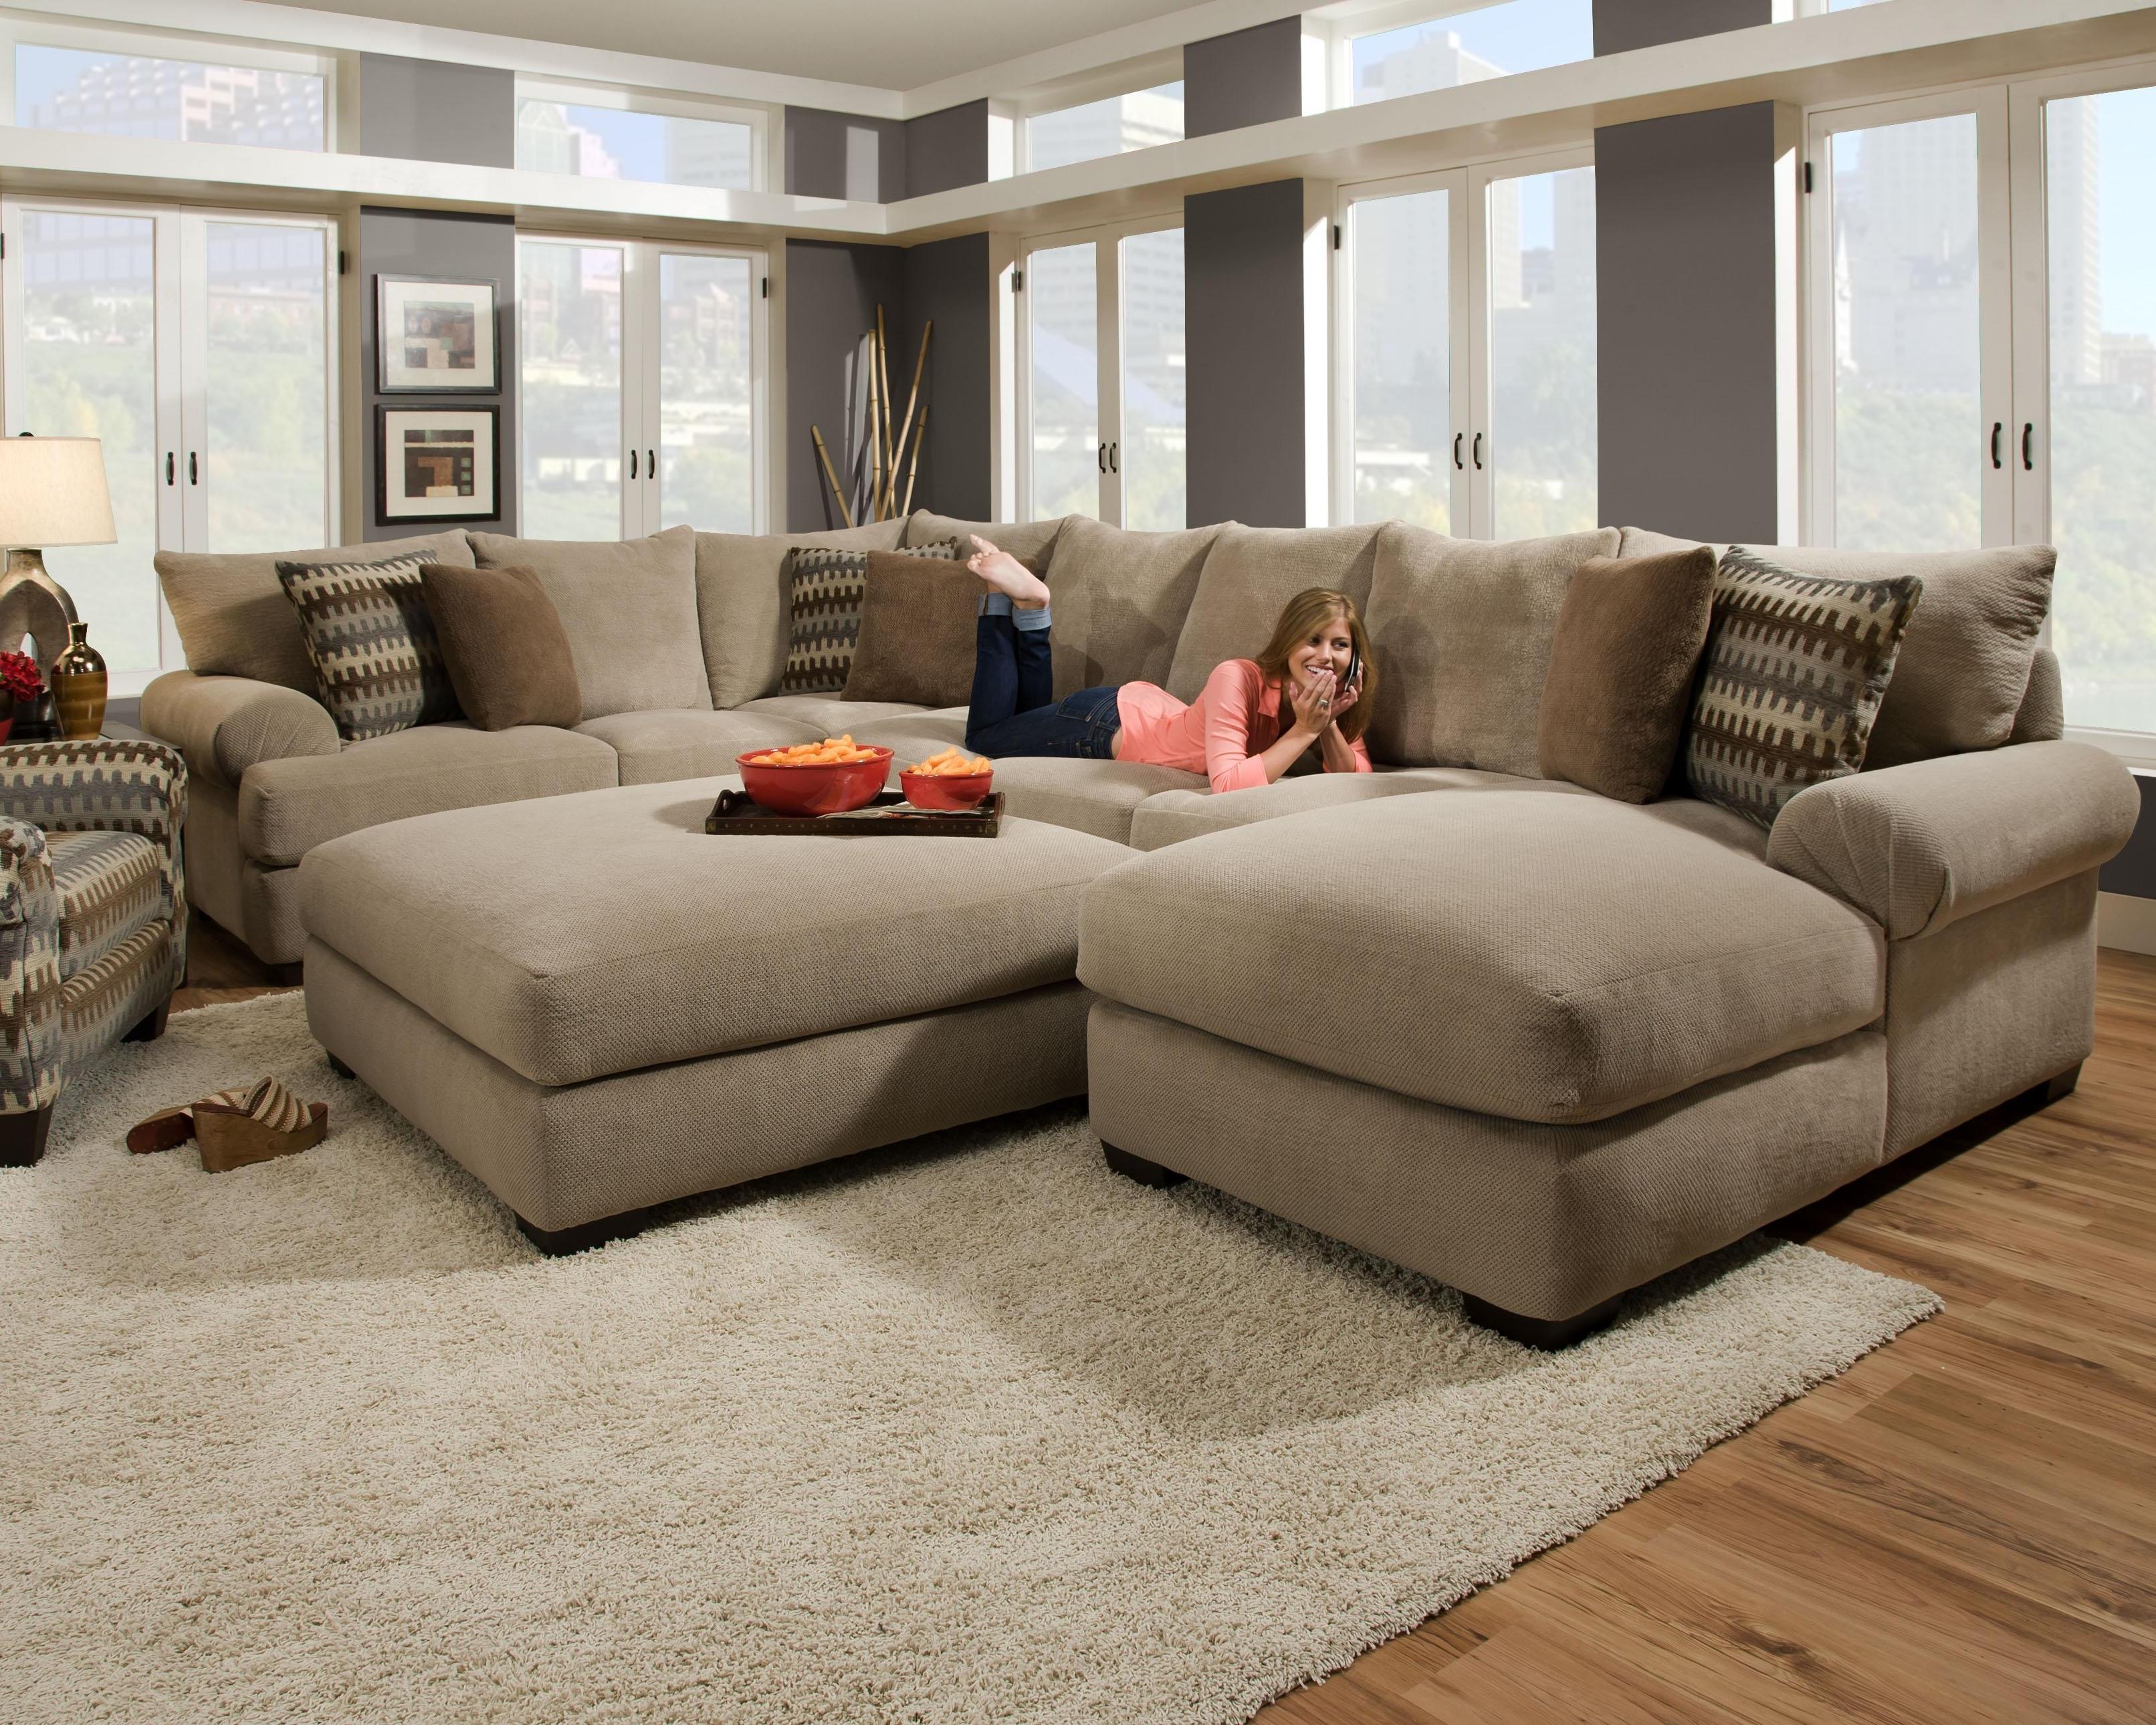 2018 Corinthian Sectional Sofa (View 2 of 15)